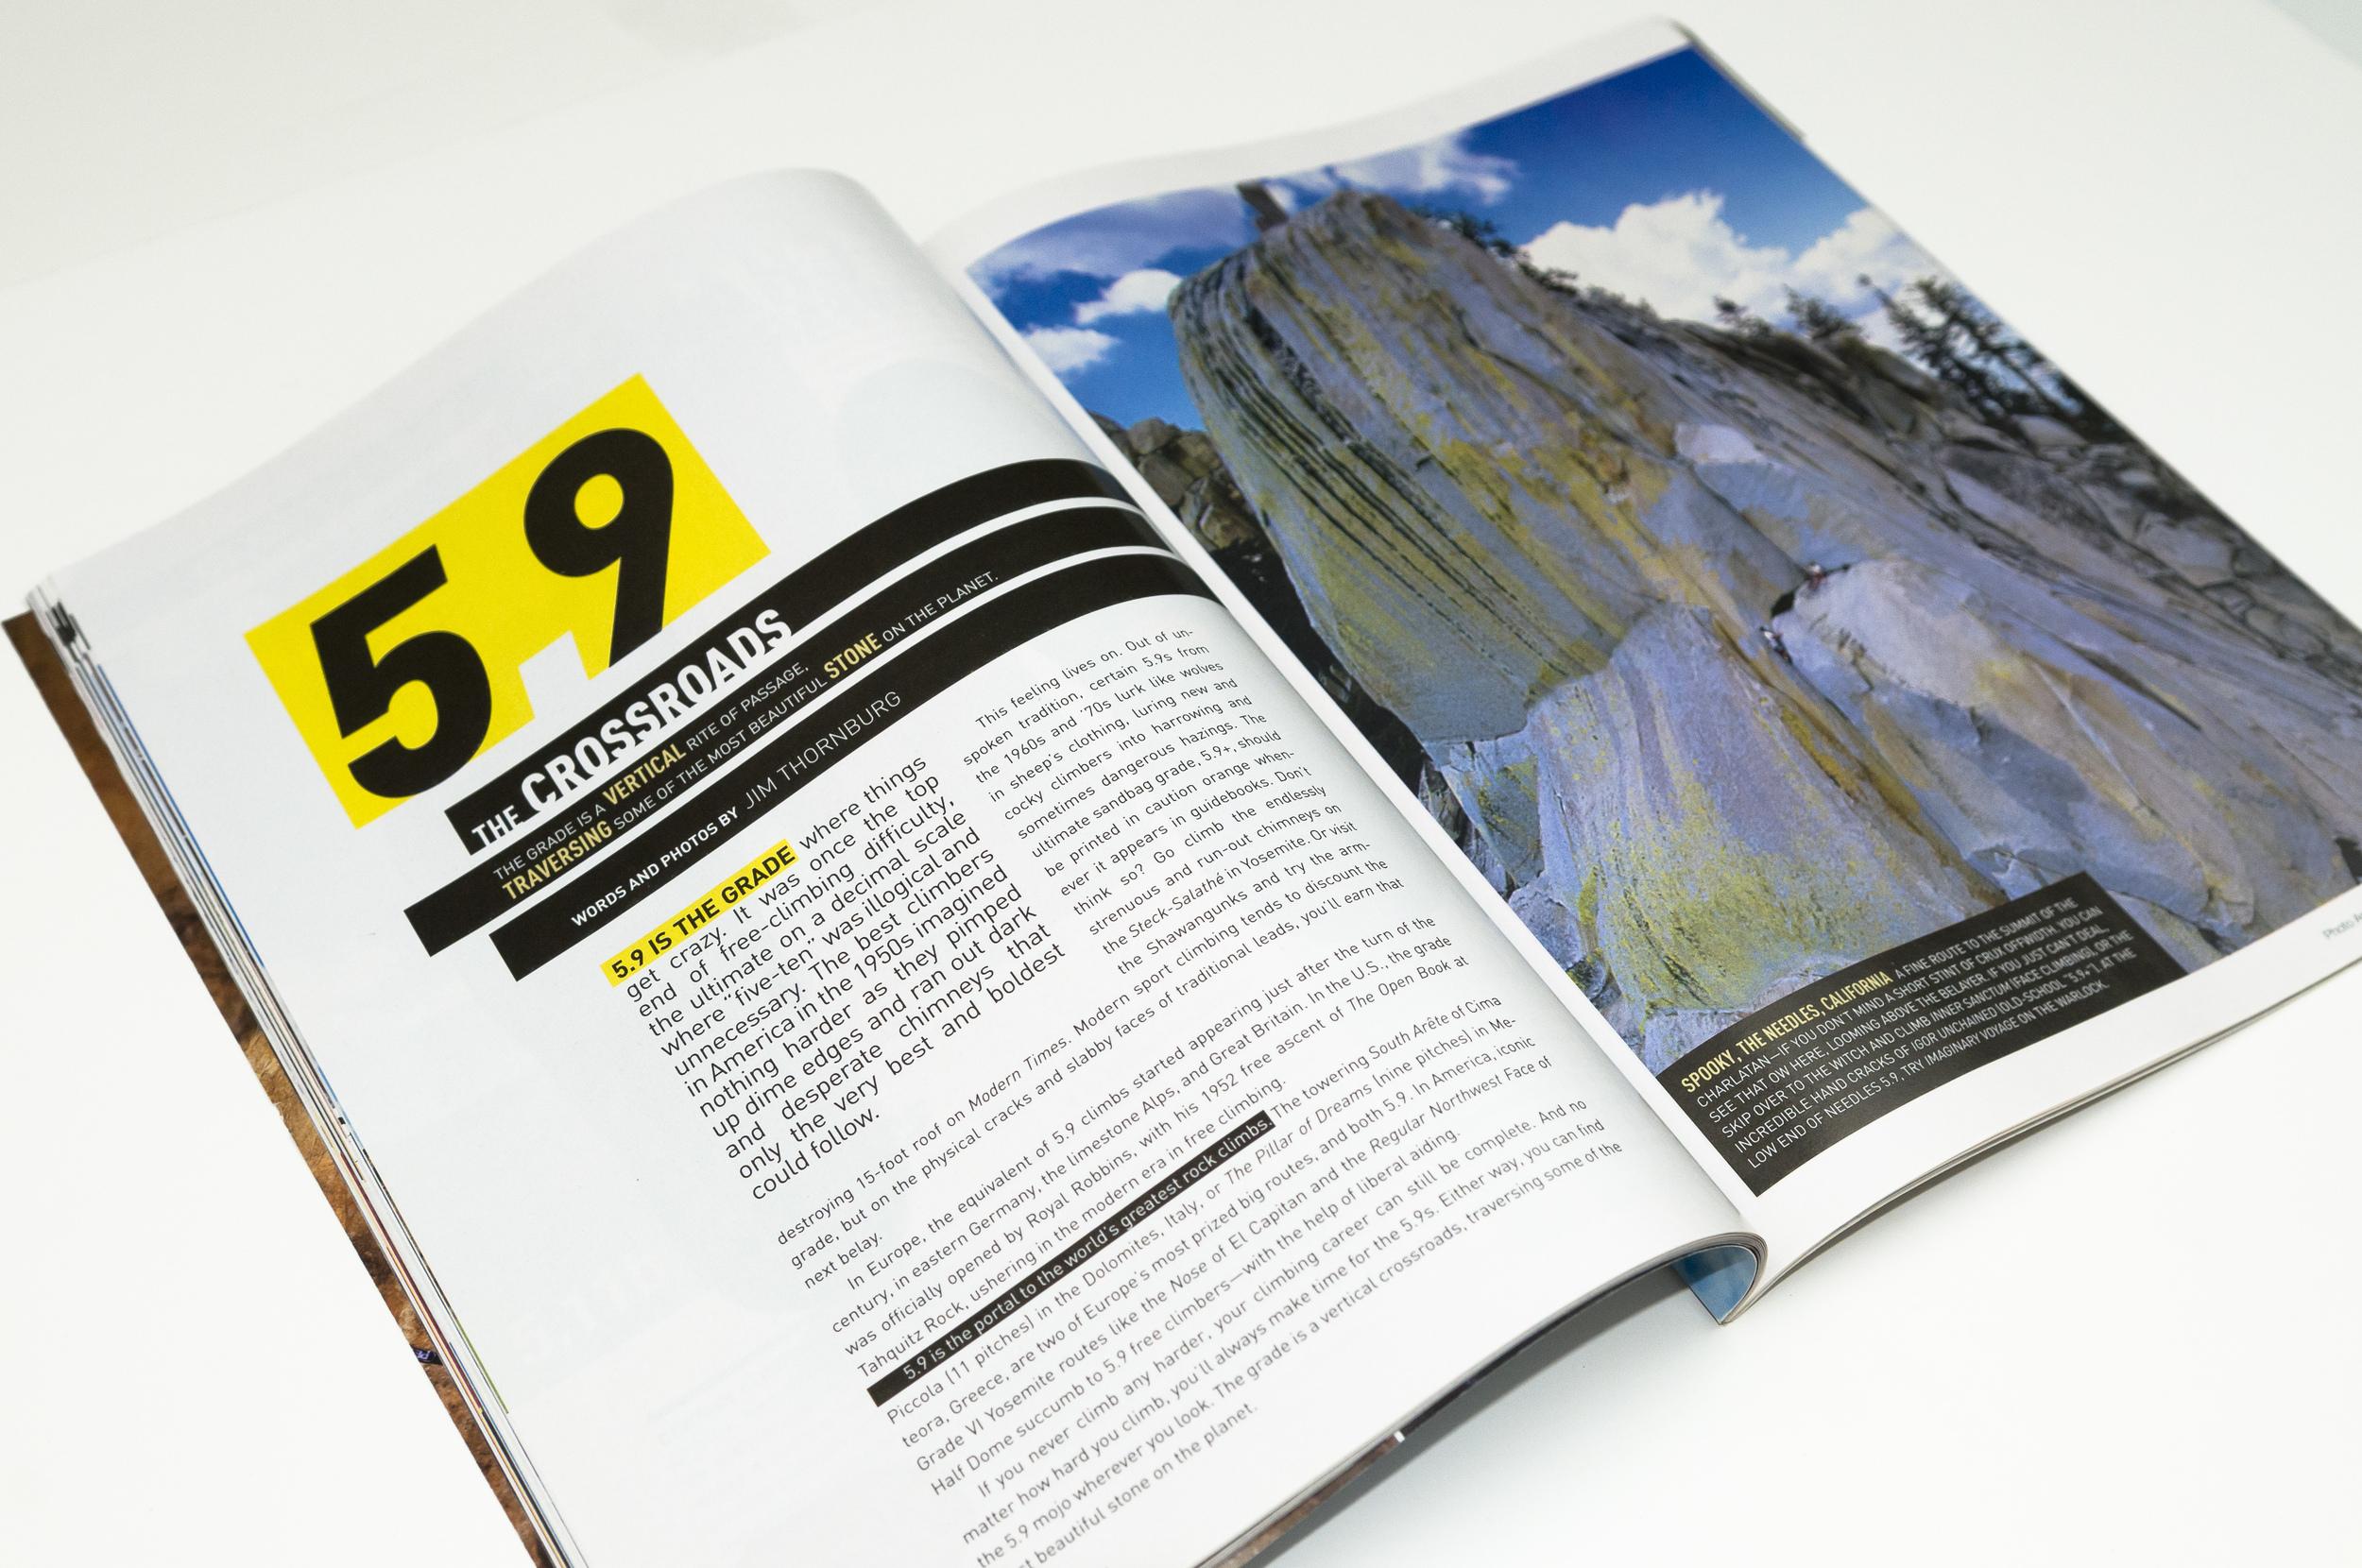 rlevensaler-Climbing-1111-042.jpg